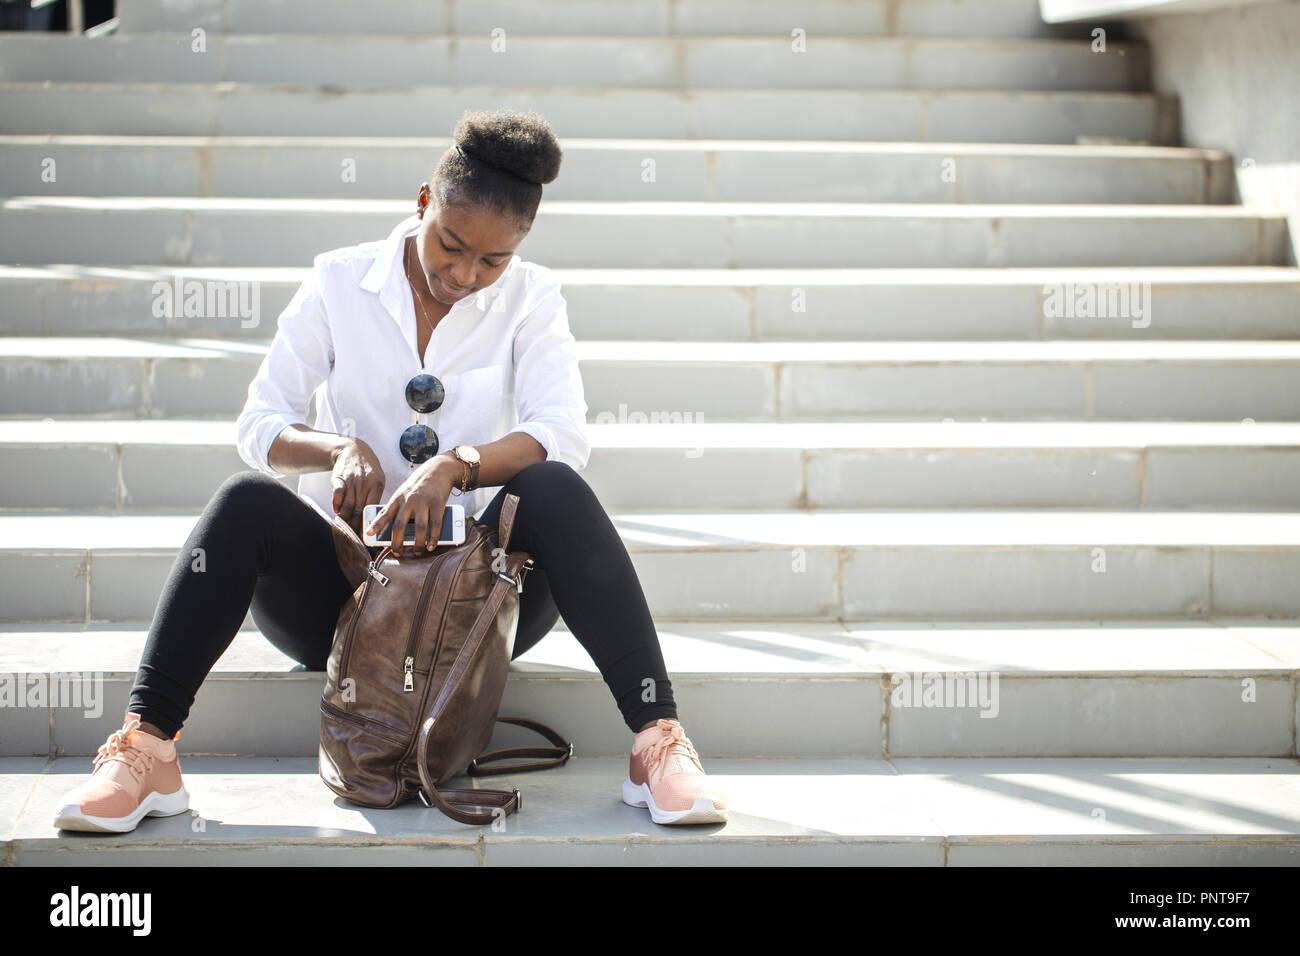 Femme africaine à l'aide de smart phone, assis sur un escalier blanc à l'extérieur. Banque D'Images